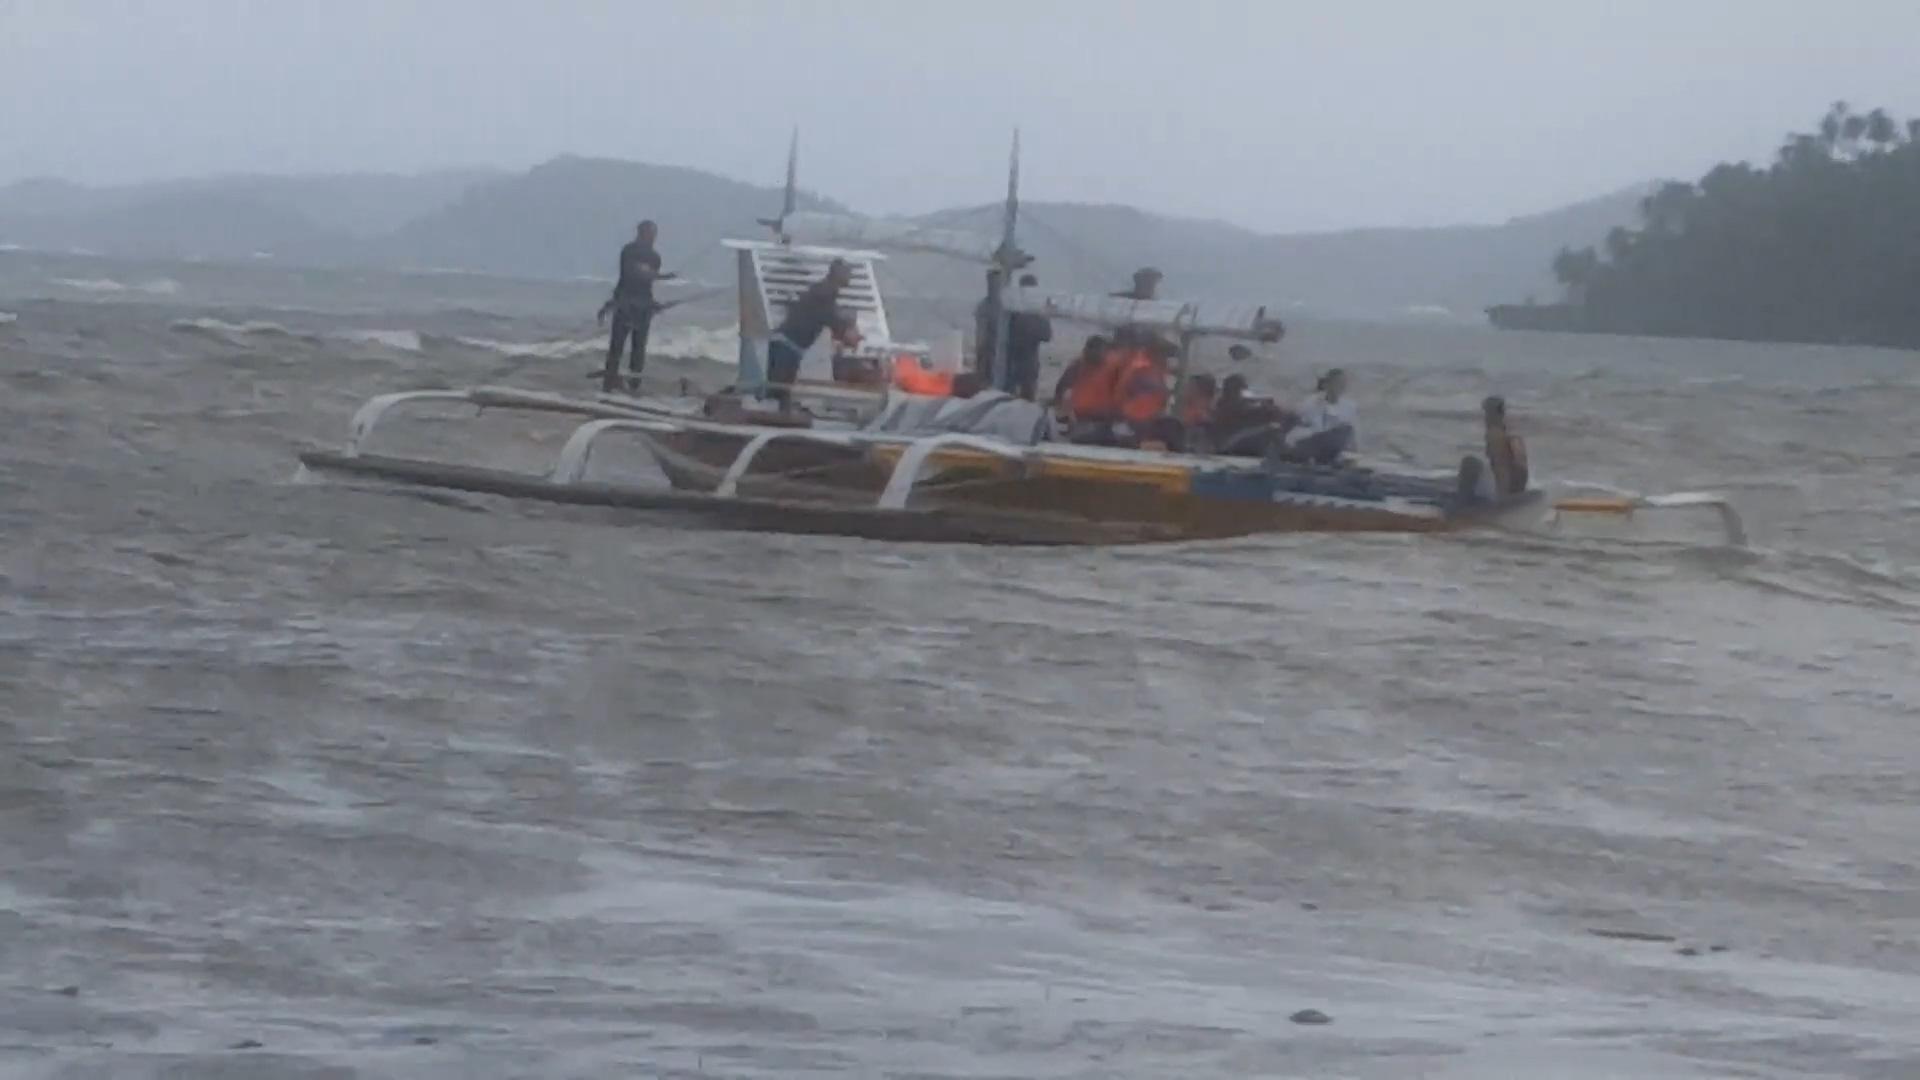 Bão Auring đang gây ra sóng gió khi nó di chuyển về phía Philippines - Ảnh 3.